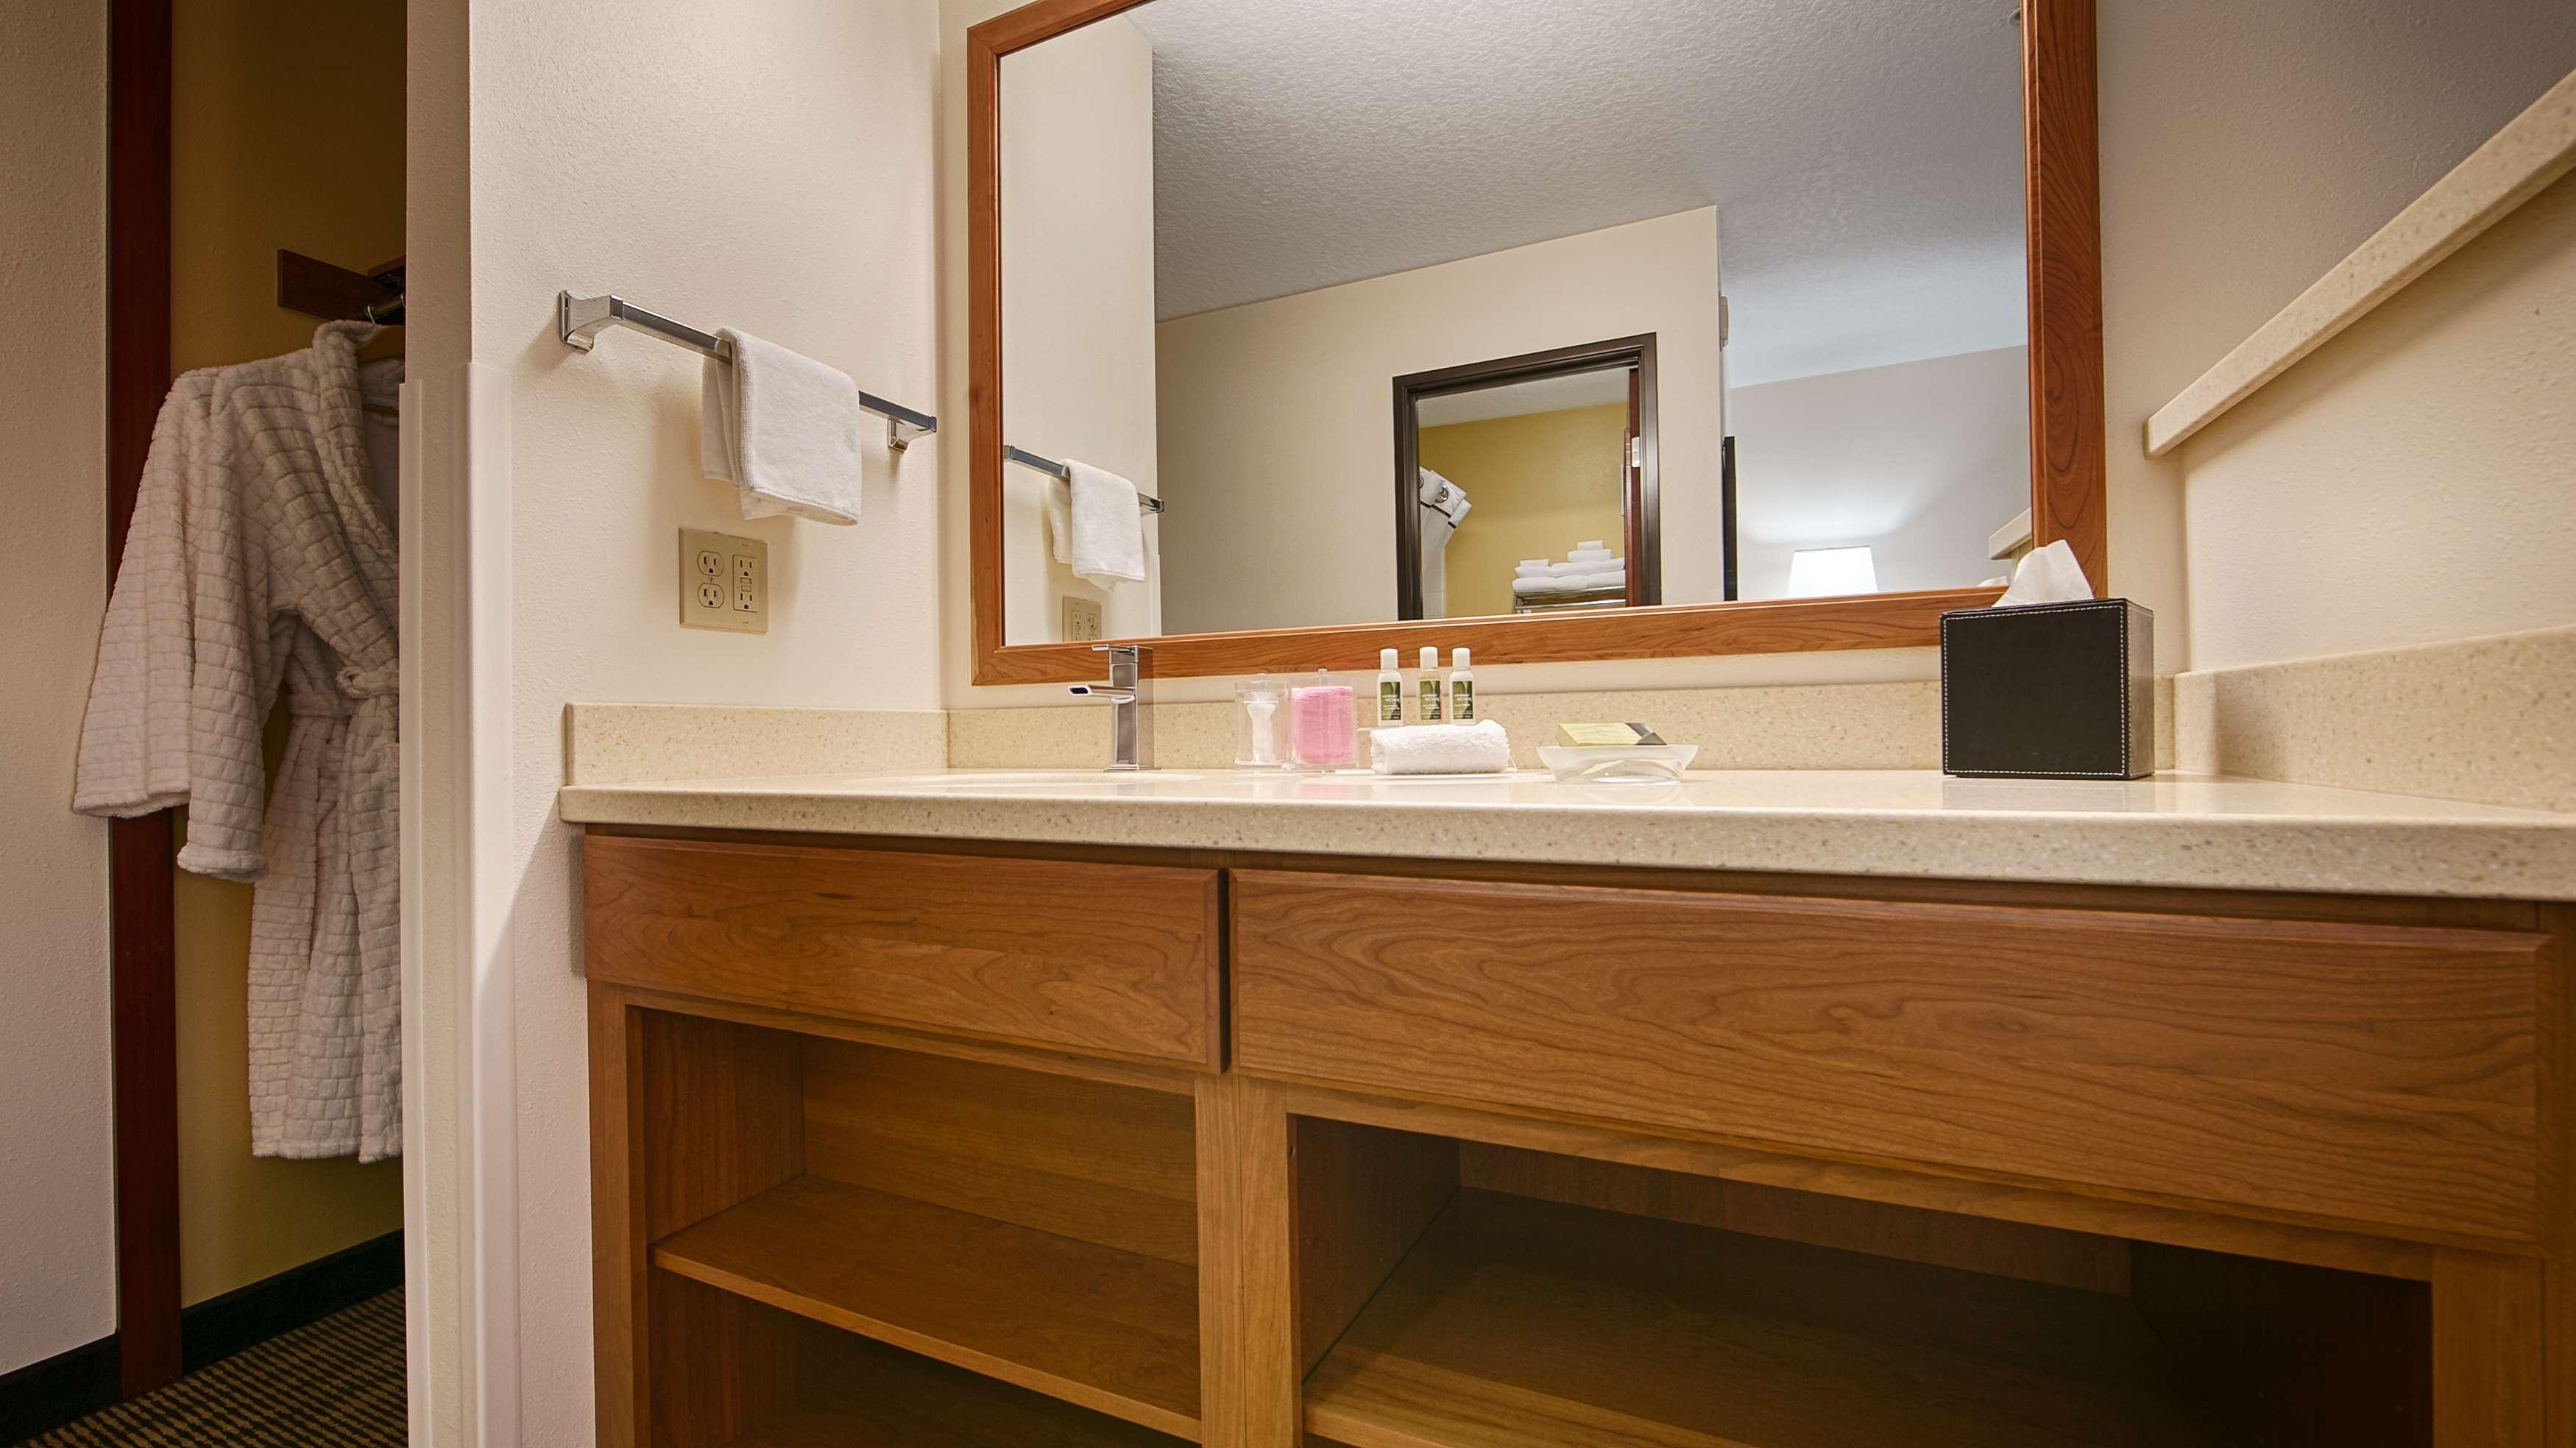 Best Western Plus Park Place Inn & Suites image 16